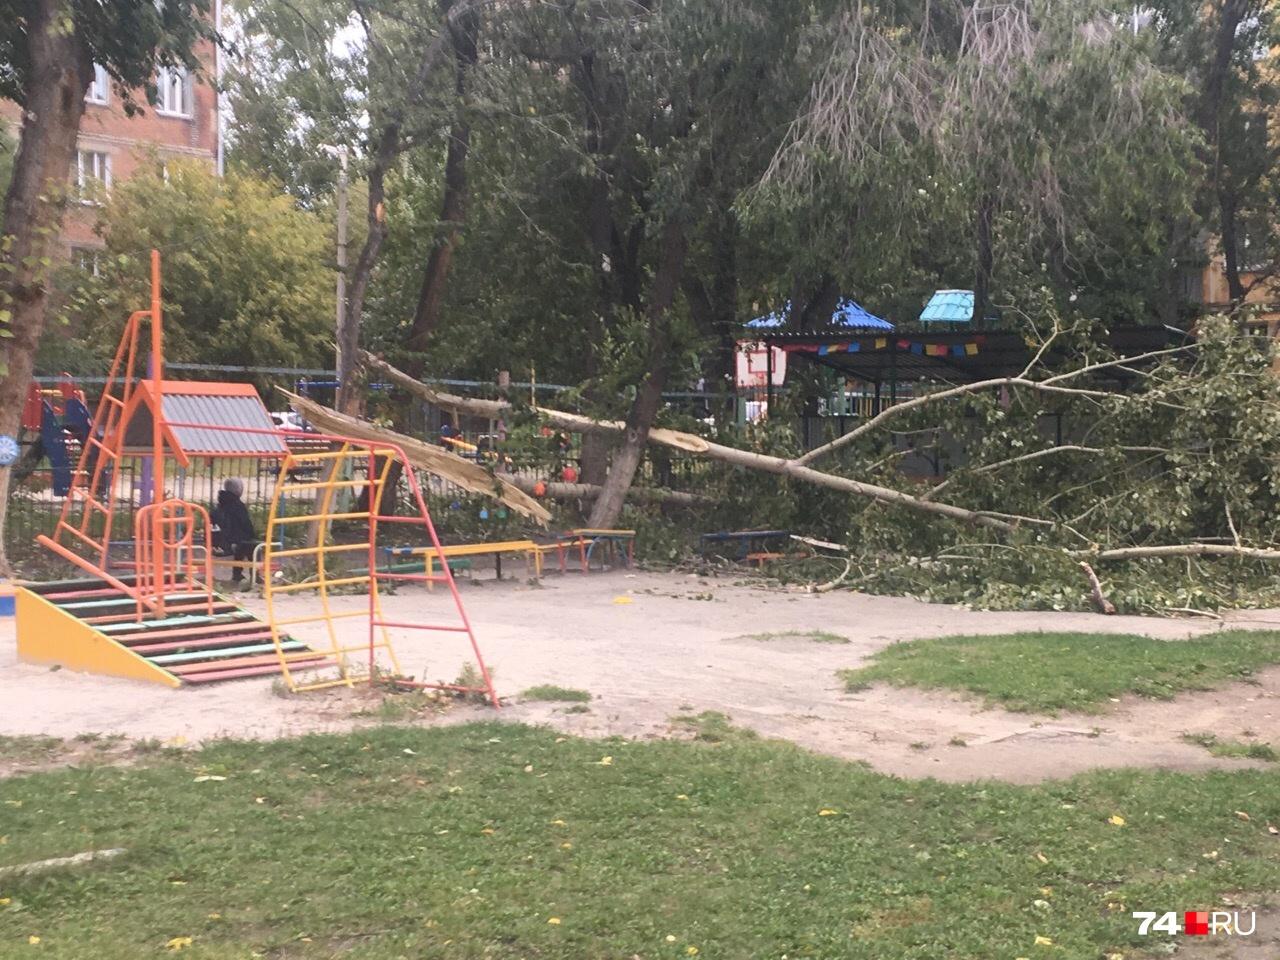 В детском саду в Металлургическом районе упало дерево